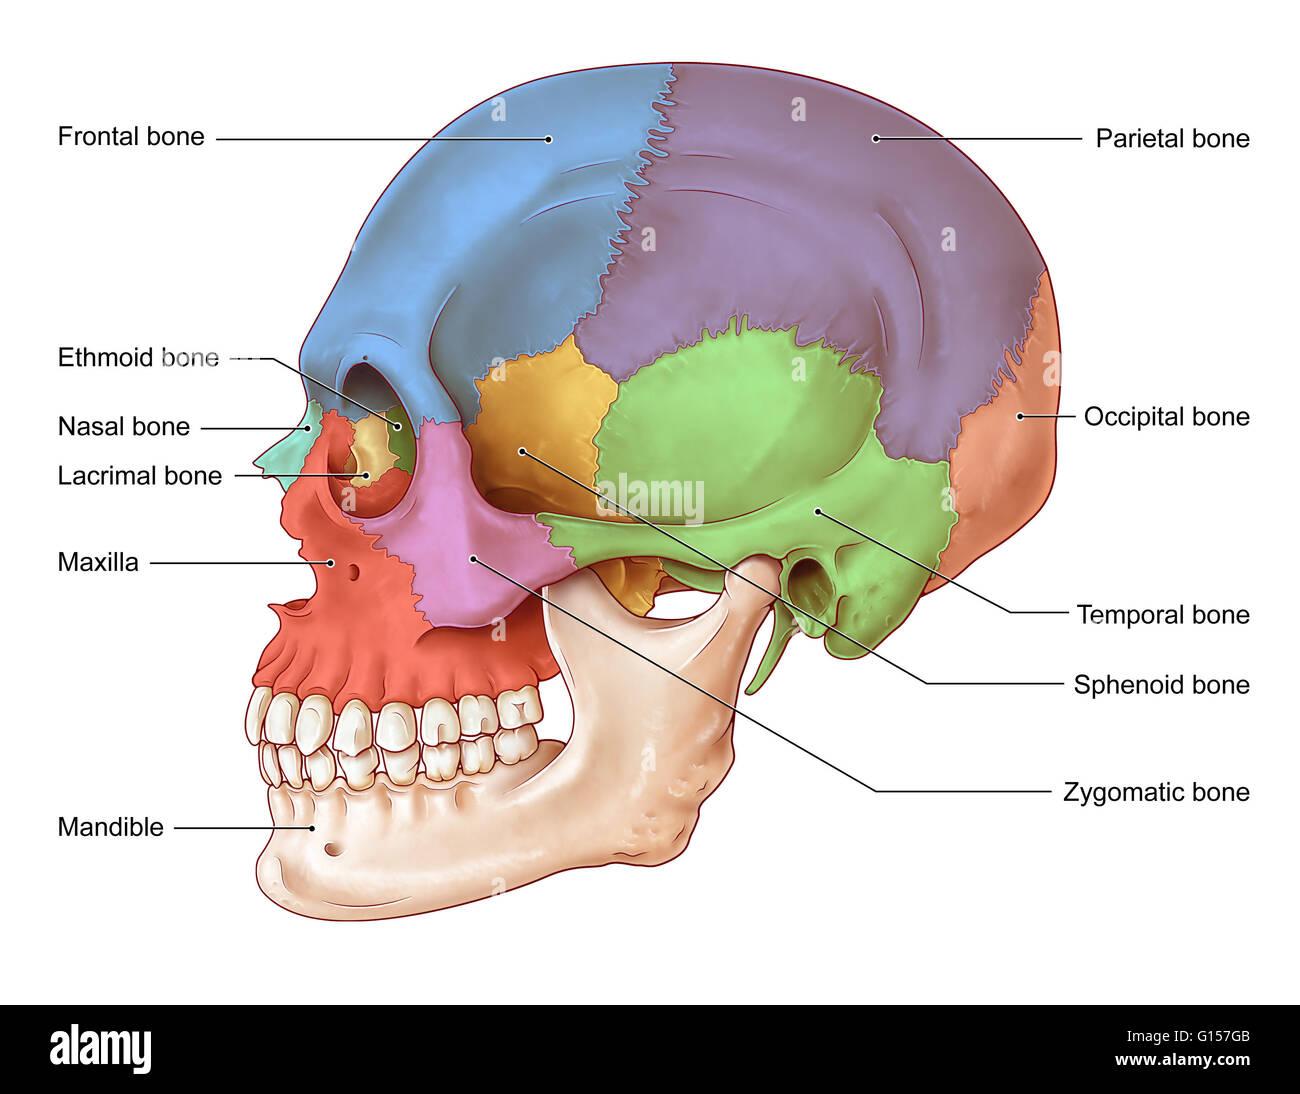 Ausgezeichnet Nasenbein Bilder - Menschliche Anatomie Bilder ...